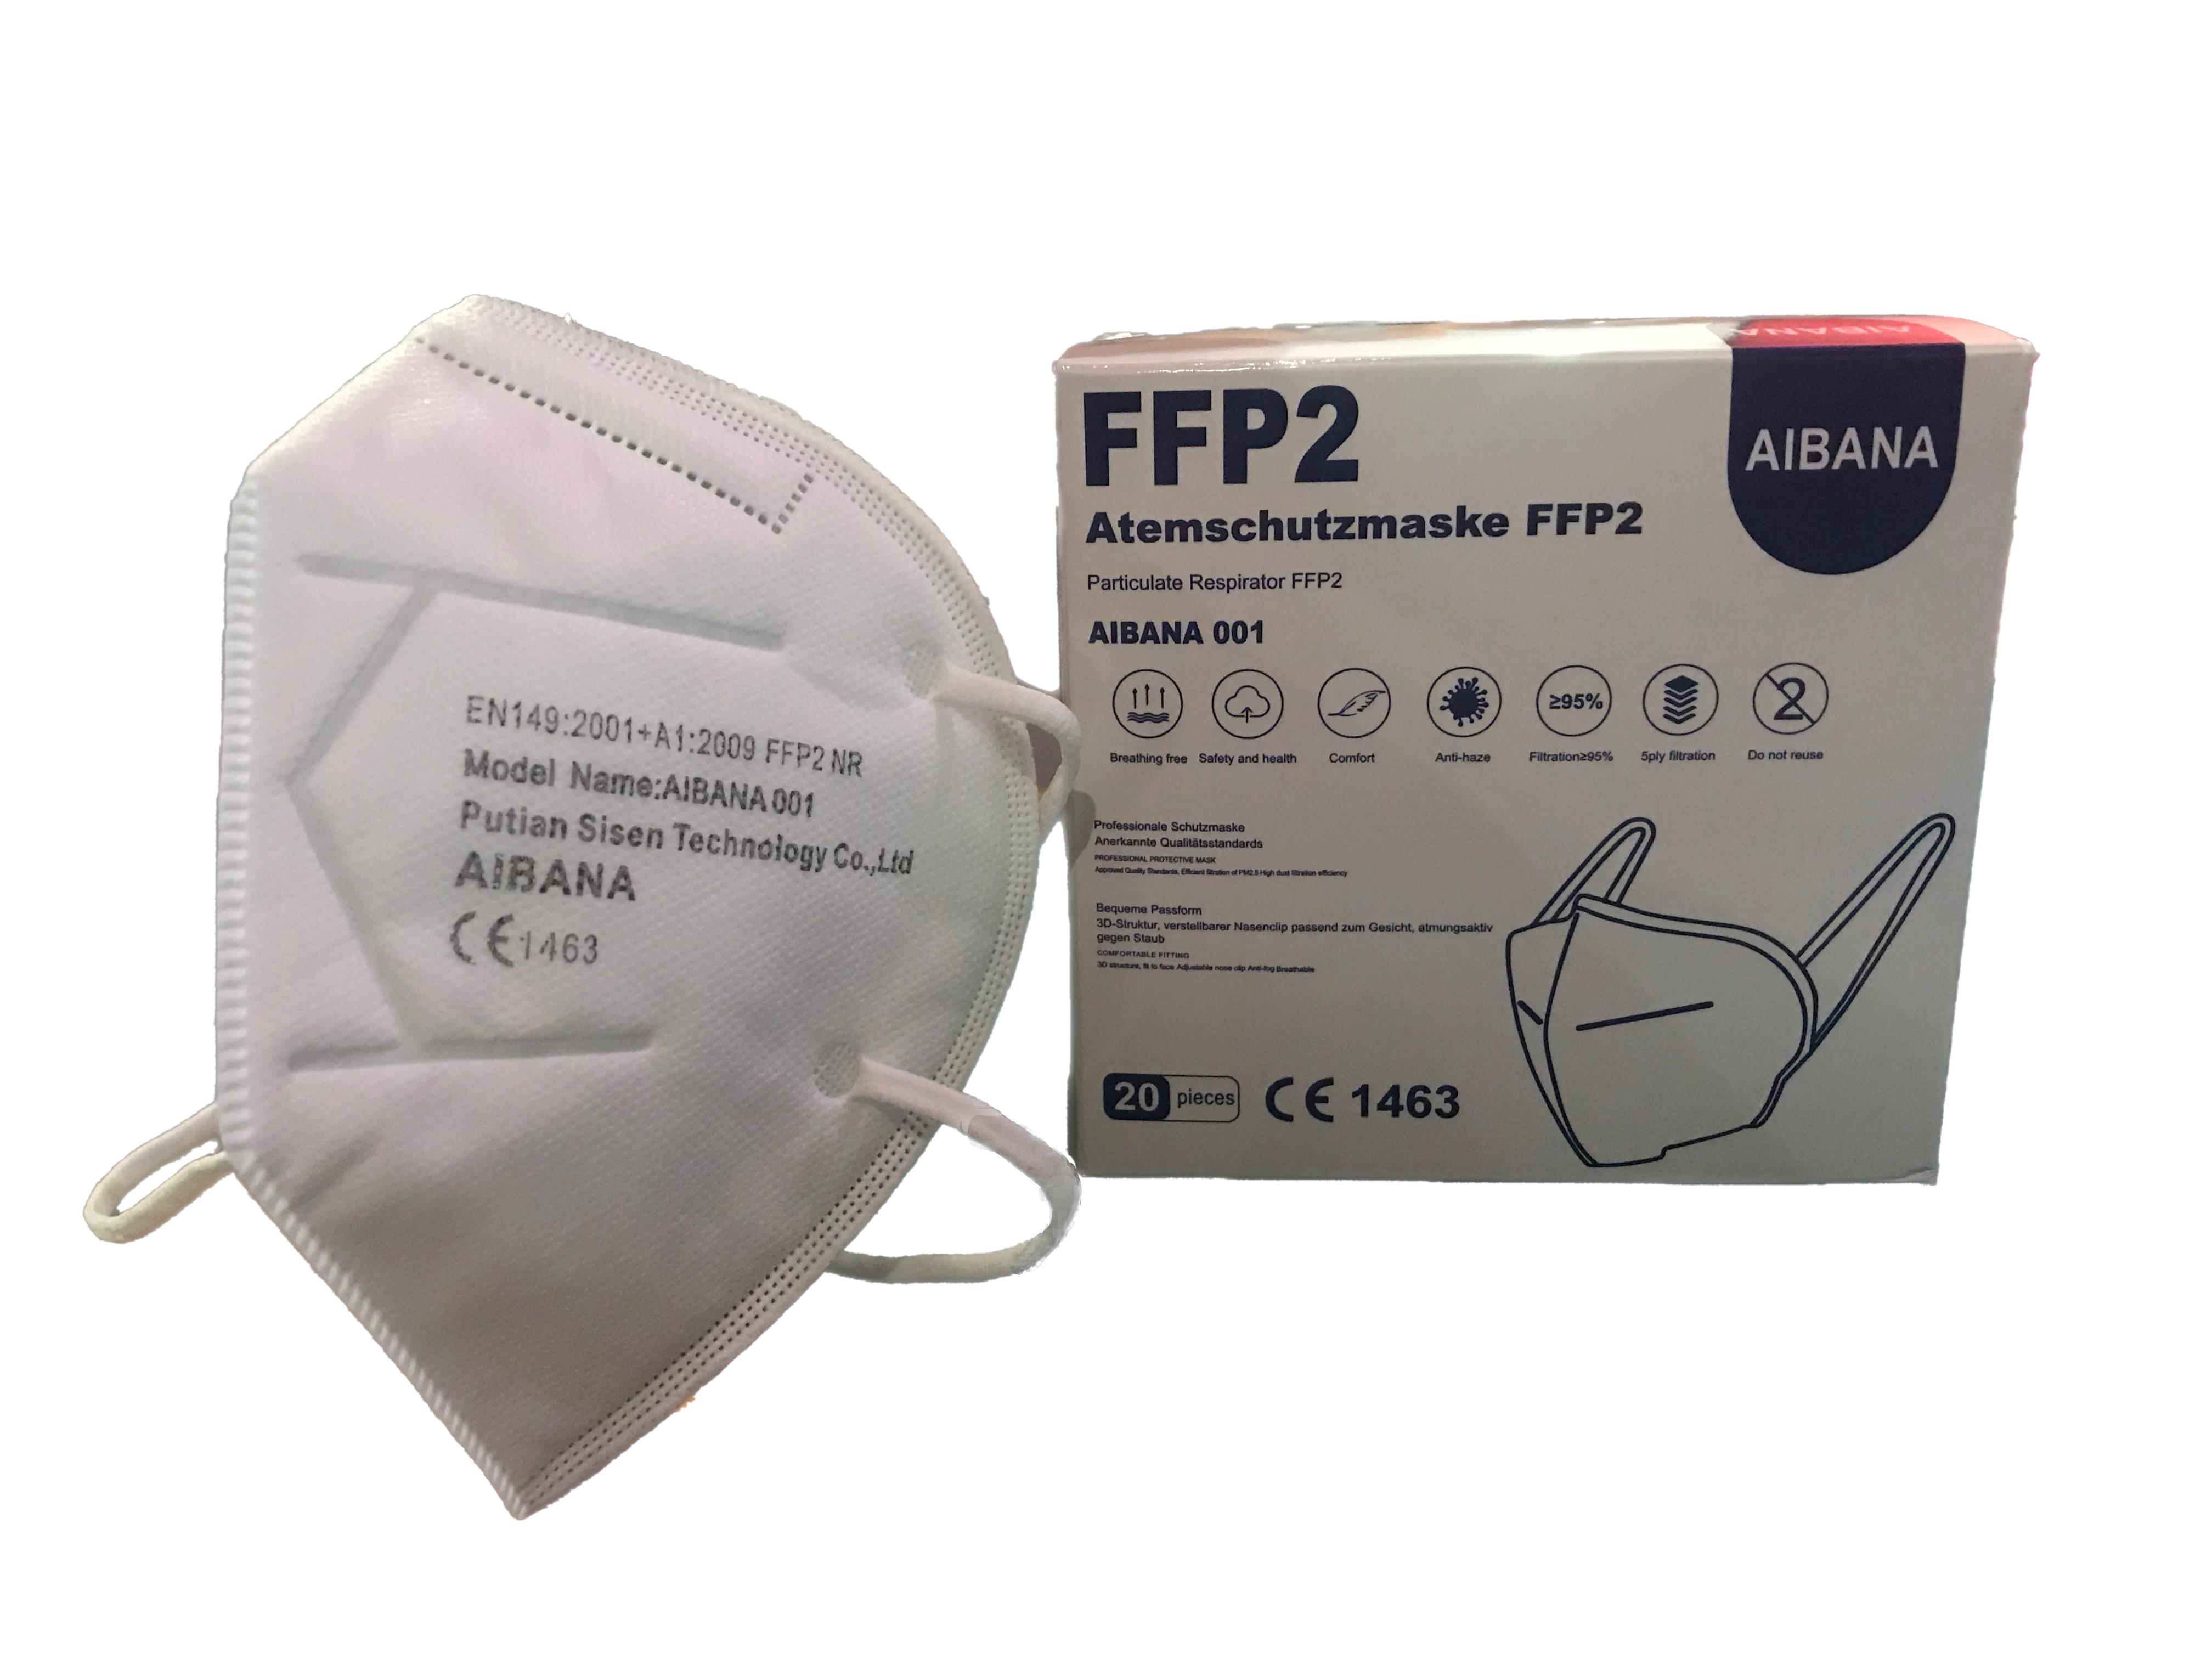 FFP2 NR Masken Aibana Modell 001 - 20 Stück einzeln verpackt